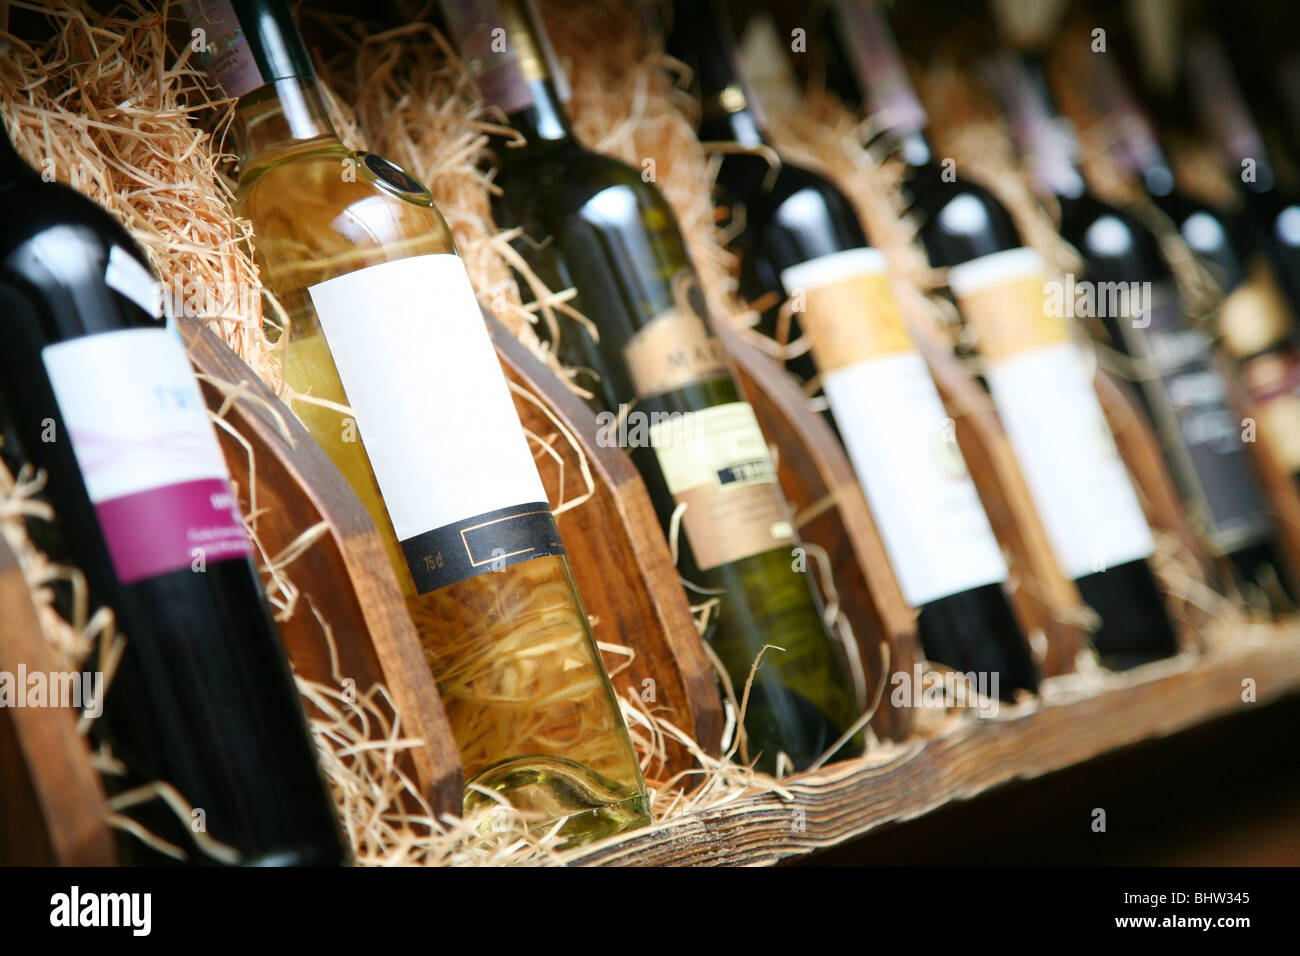 Closeup Aufnahme des Wineshelf. Flaschen über Stroh legen. Stockbild